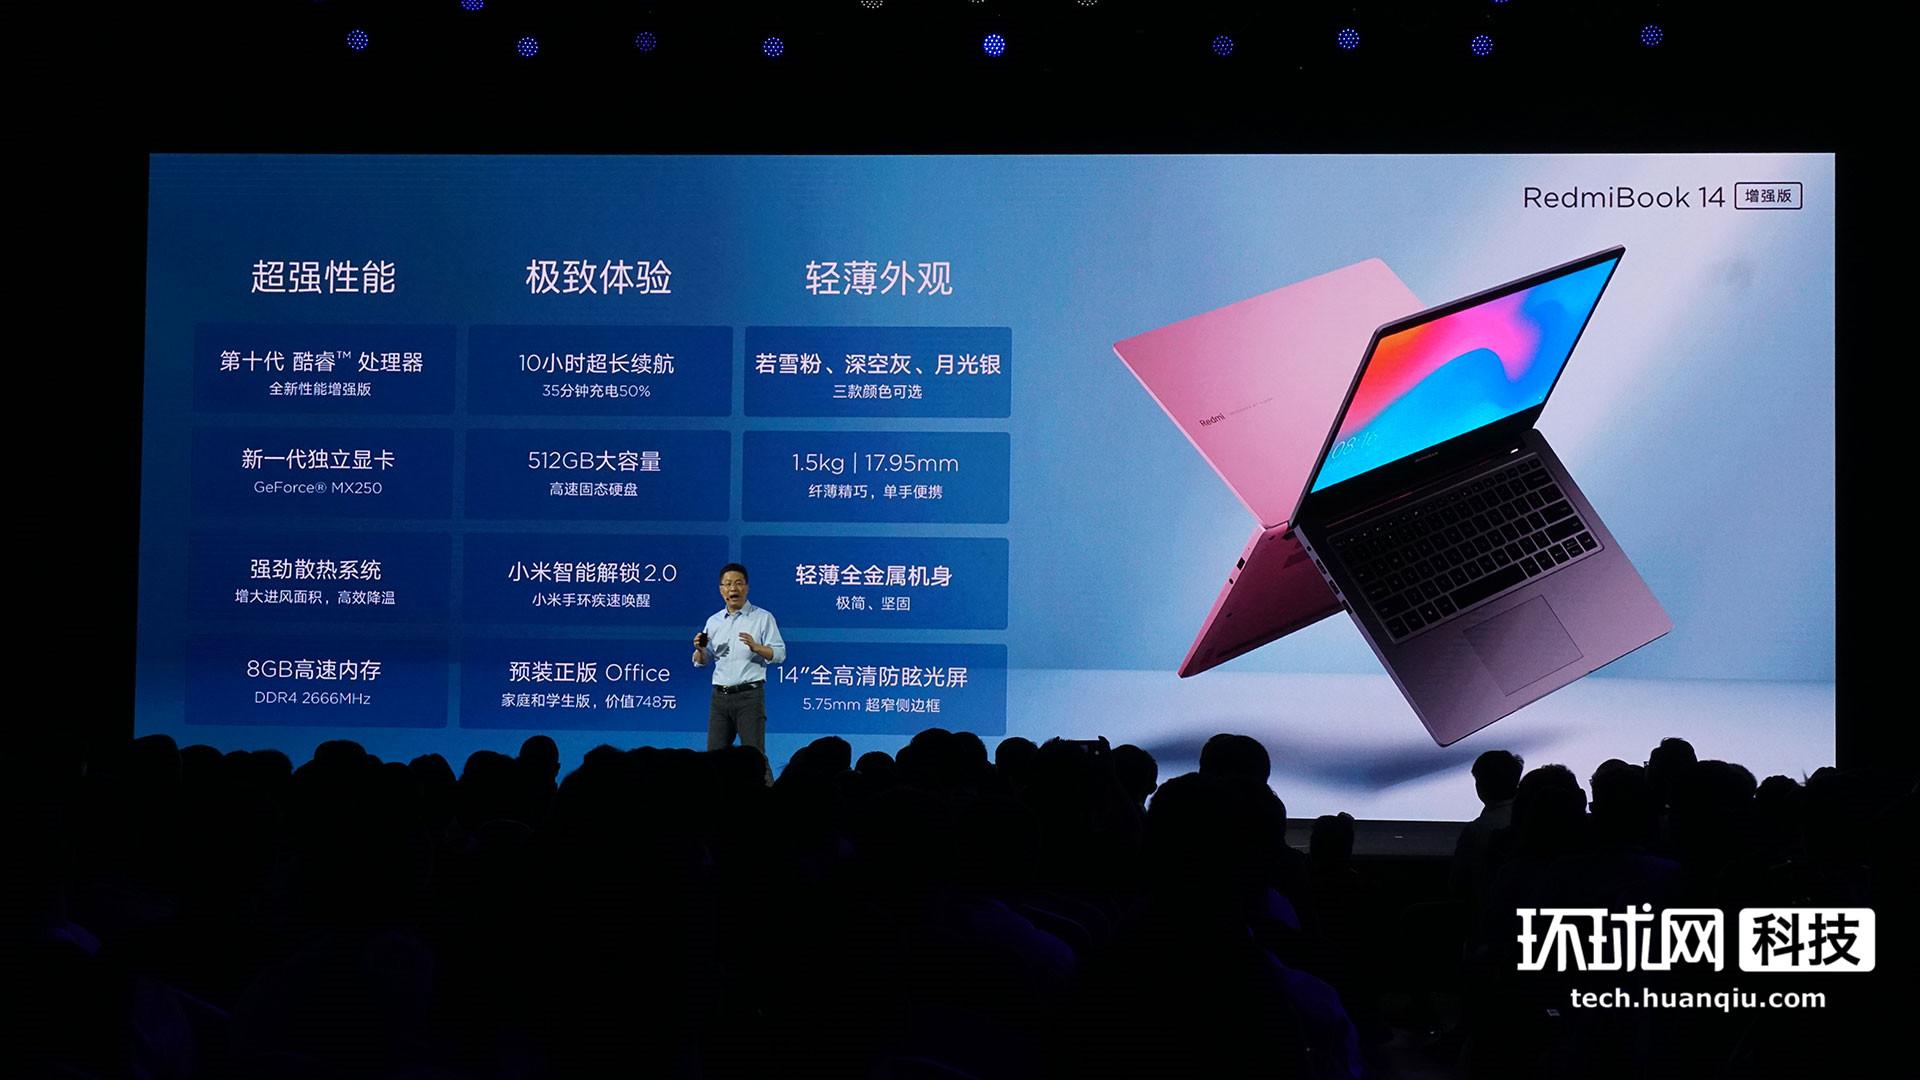 RedmiBook14增强版发布,成为首批十代酷睿轻薄本